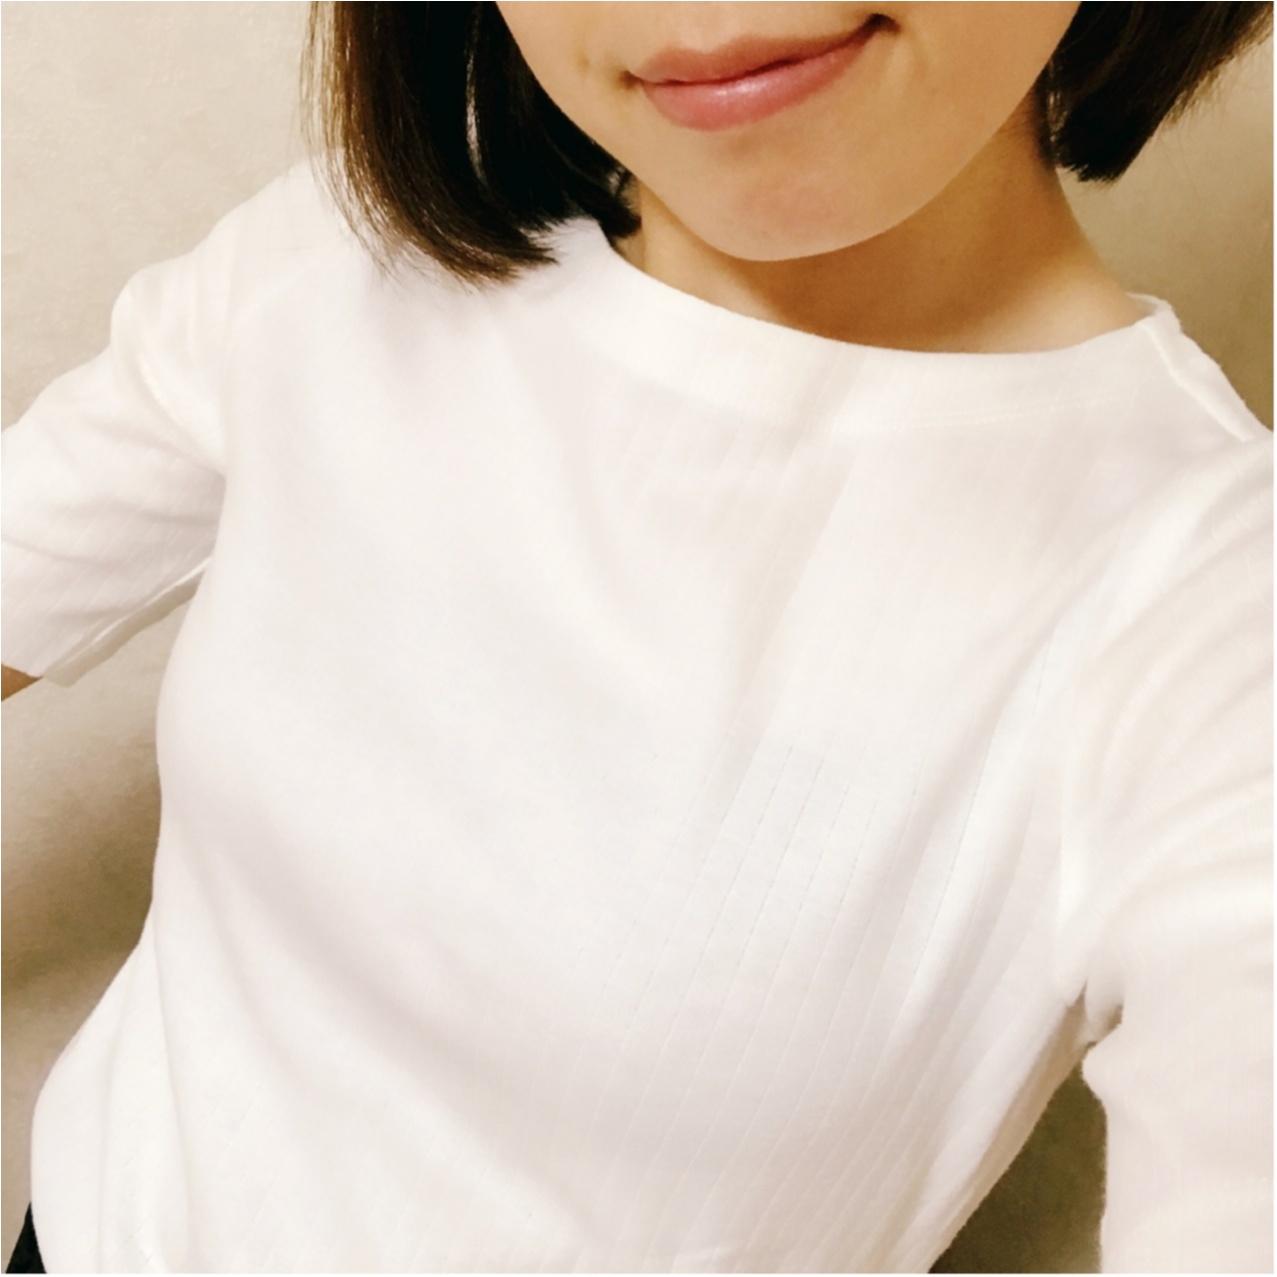 話題のドラマ『ボク、運命の人です。』木村文乃さん風コーデに大注目!? 今週のモアハピ部人気ランキングトップ5!_1_1